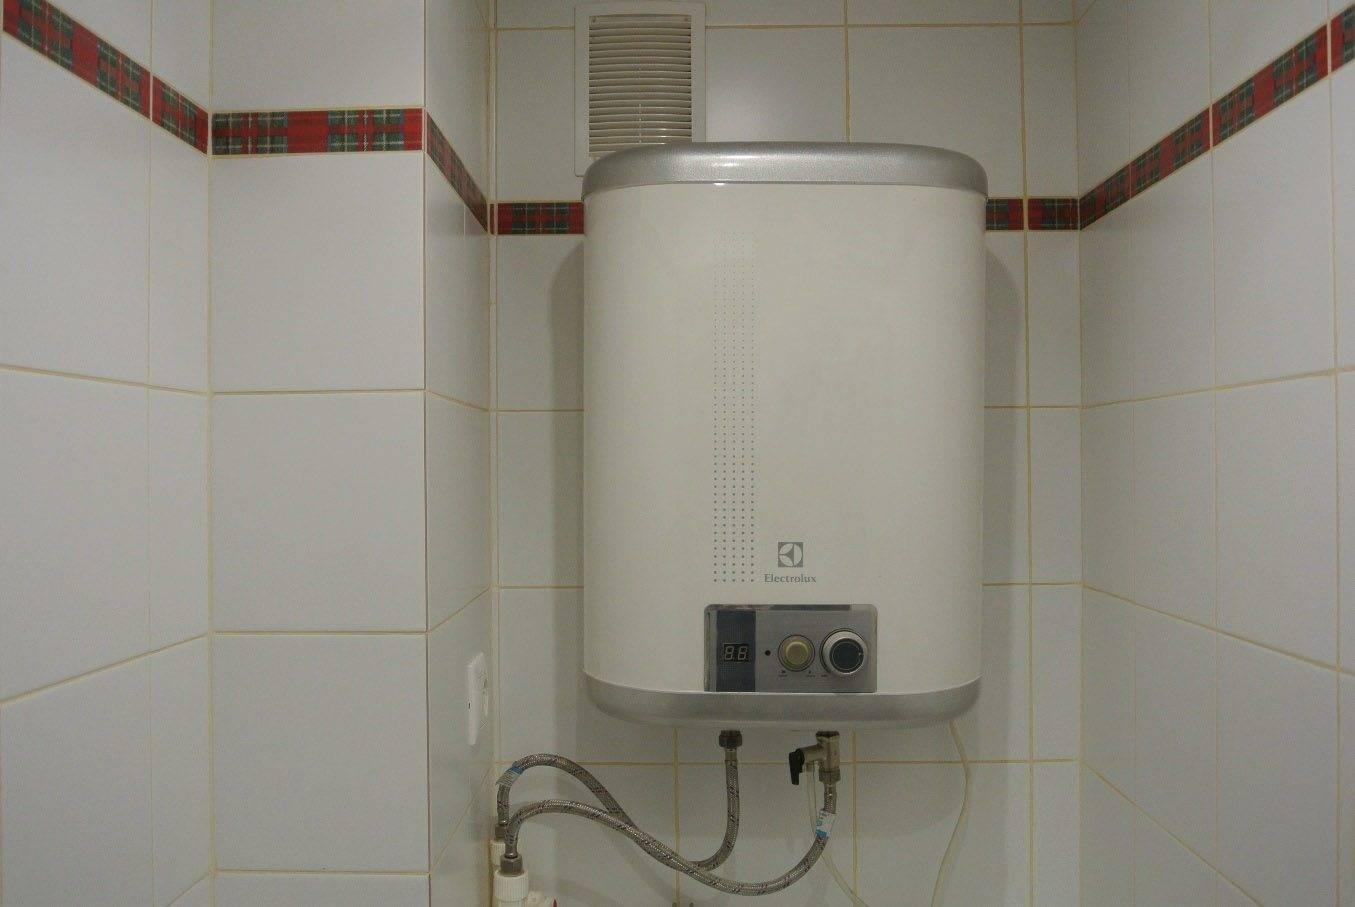 Устройство и принцип работы накопительного электрического водонагревателя